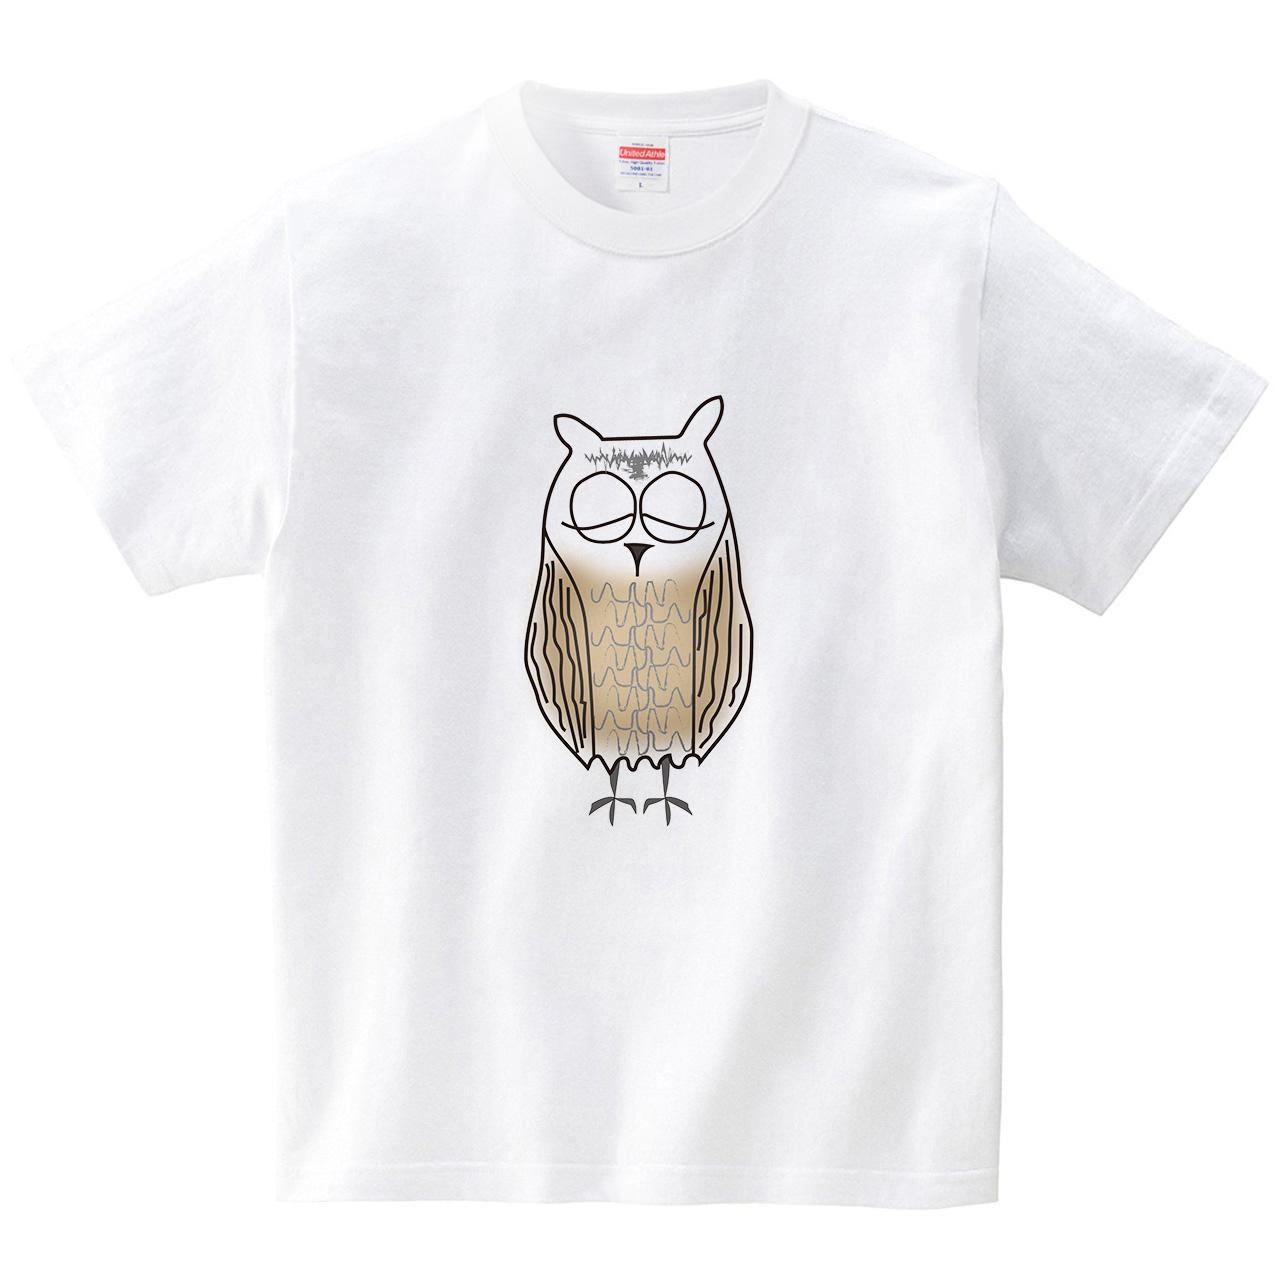 ミミズクさん(Tシャツ・ホワイト)(CHATON_CATON_T)